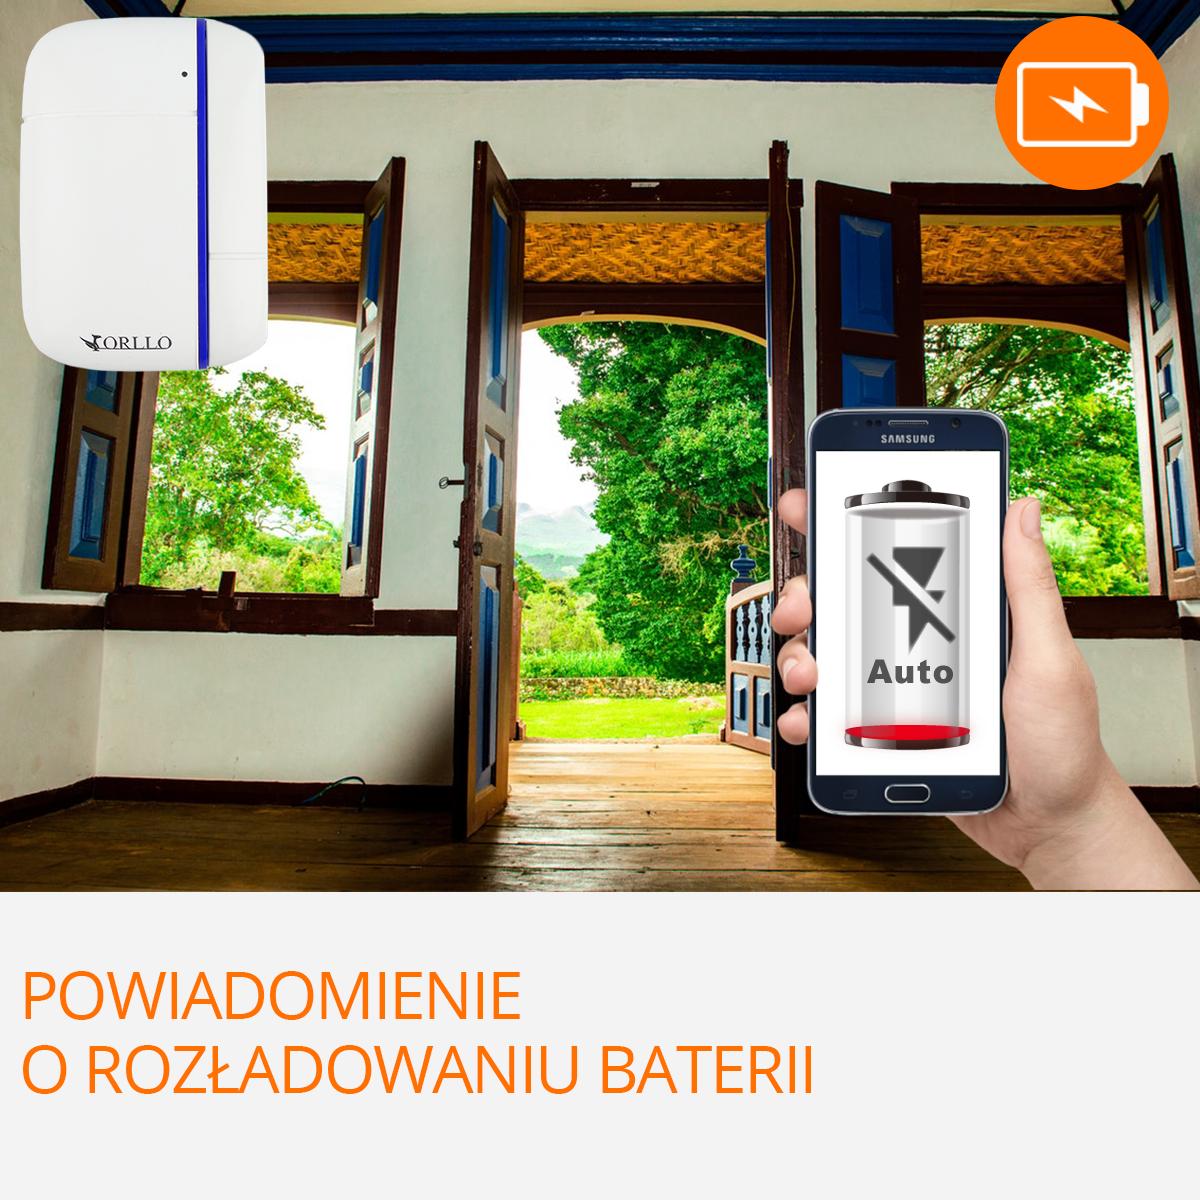 Centrala-alarmowa-czujnik-otwiertania-drzwi-bateria-orllo-pl